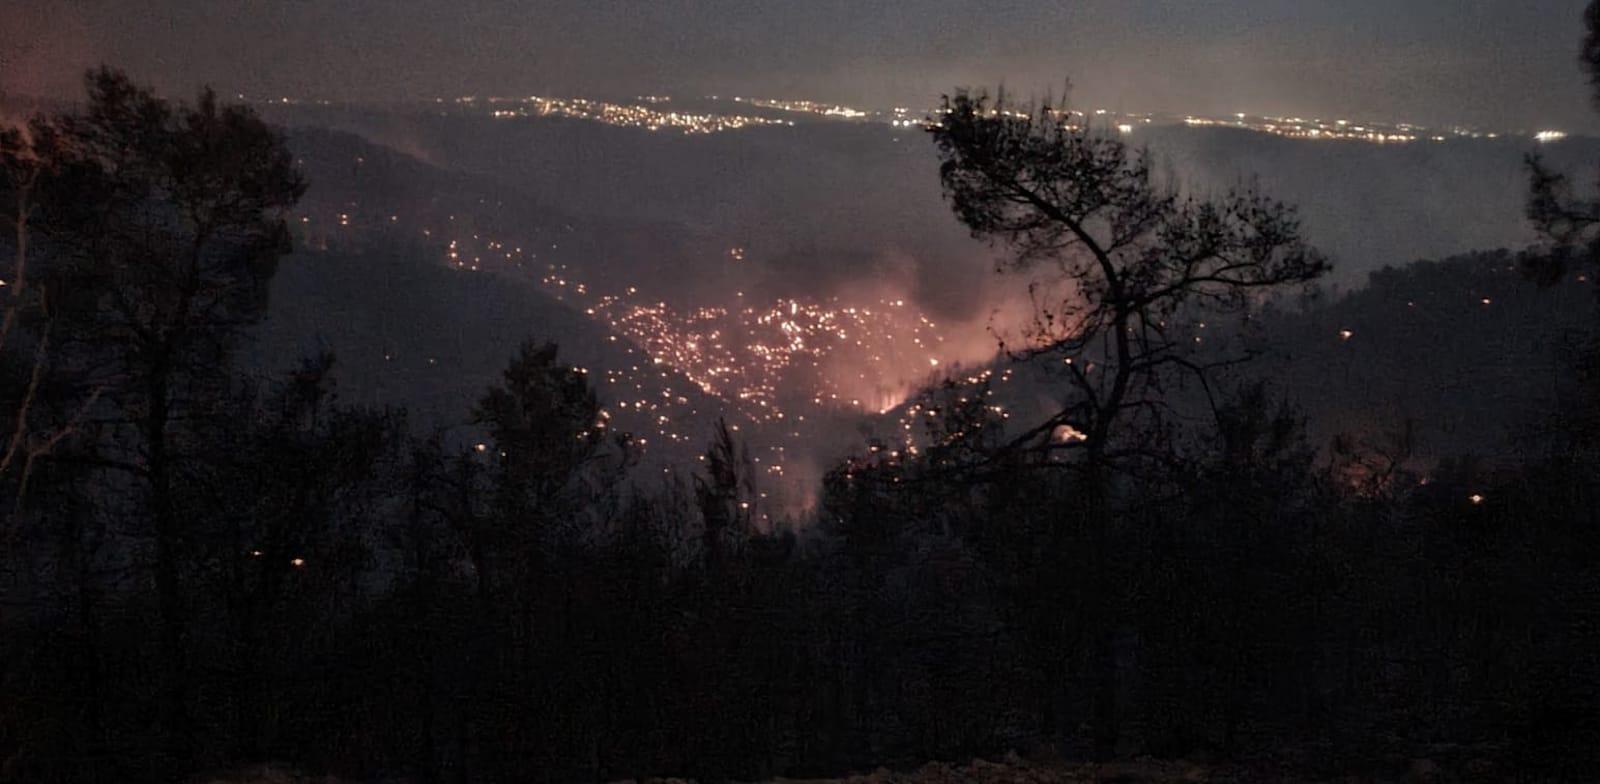 מוקדי השריפה בנחל צובה בין הר טייסים להר איתן / צילום: רועי שטראוס, רשות הטבע והגנים